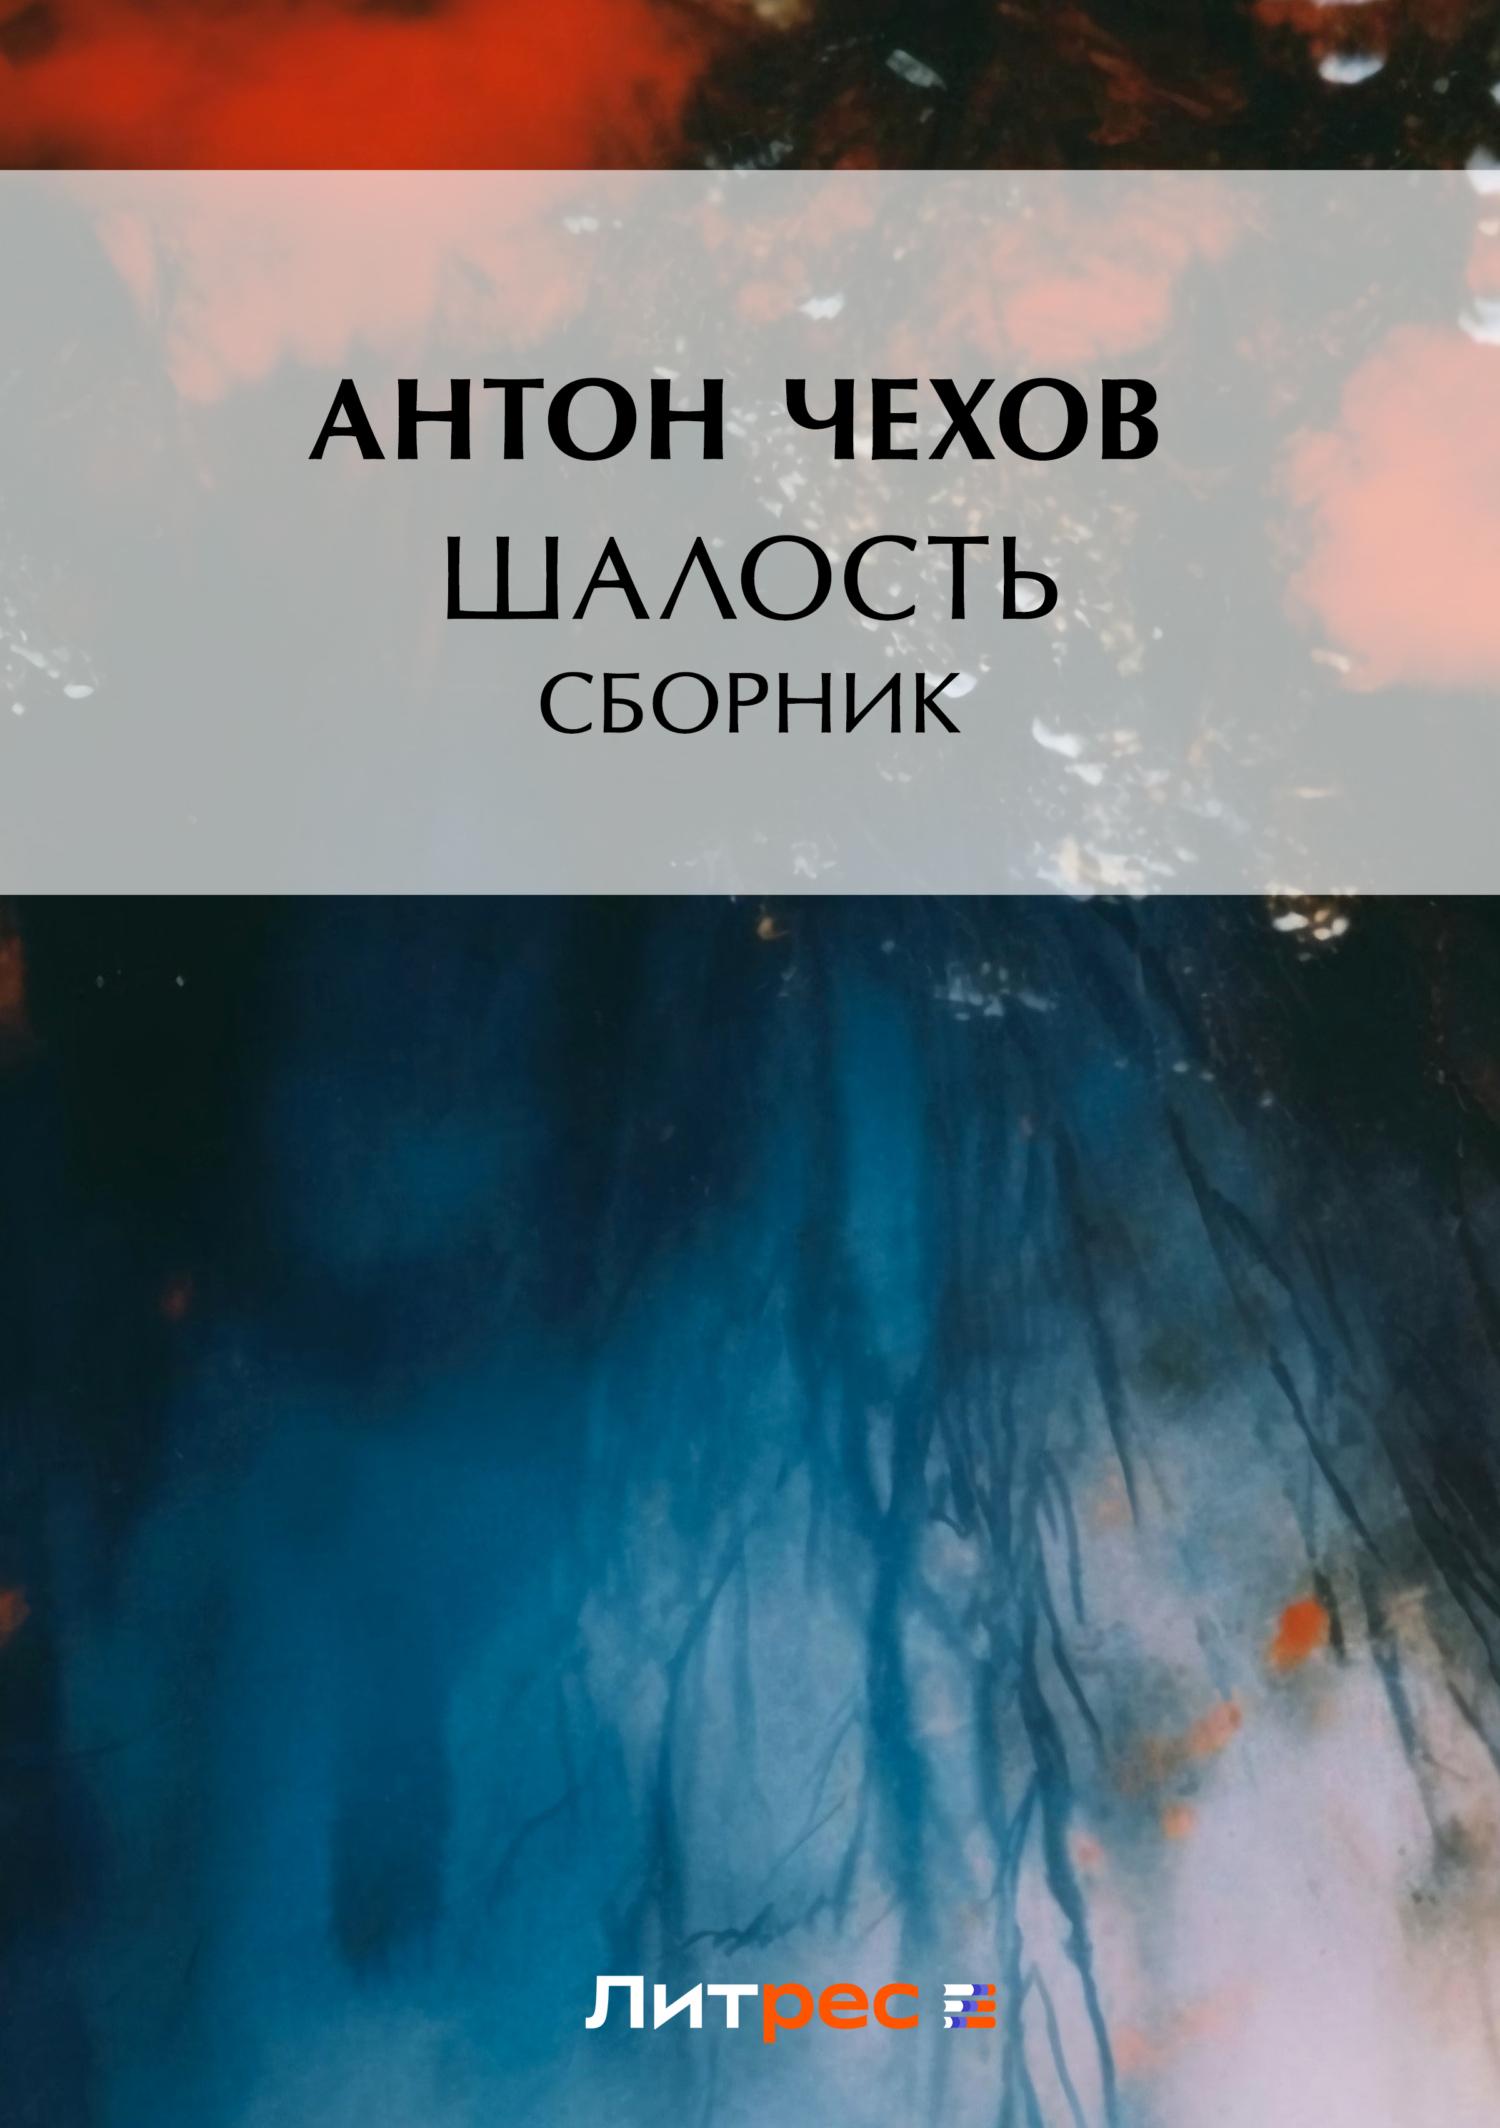 Шалость (сборник)